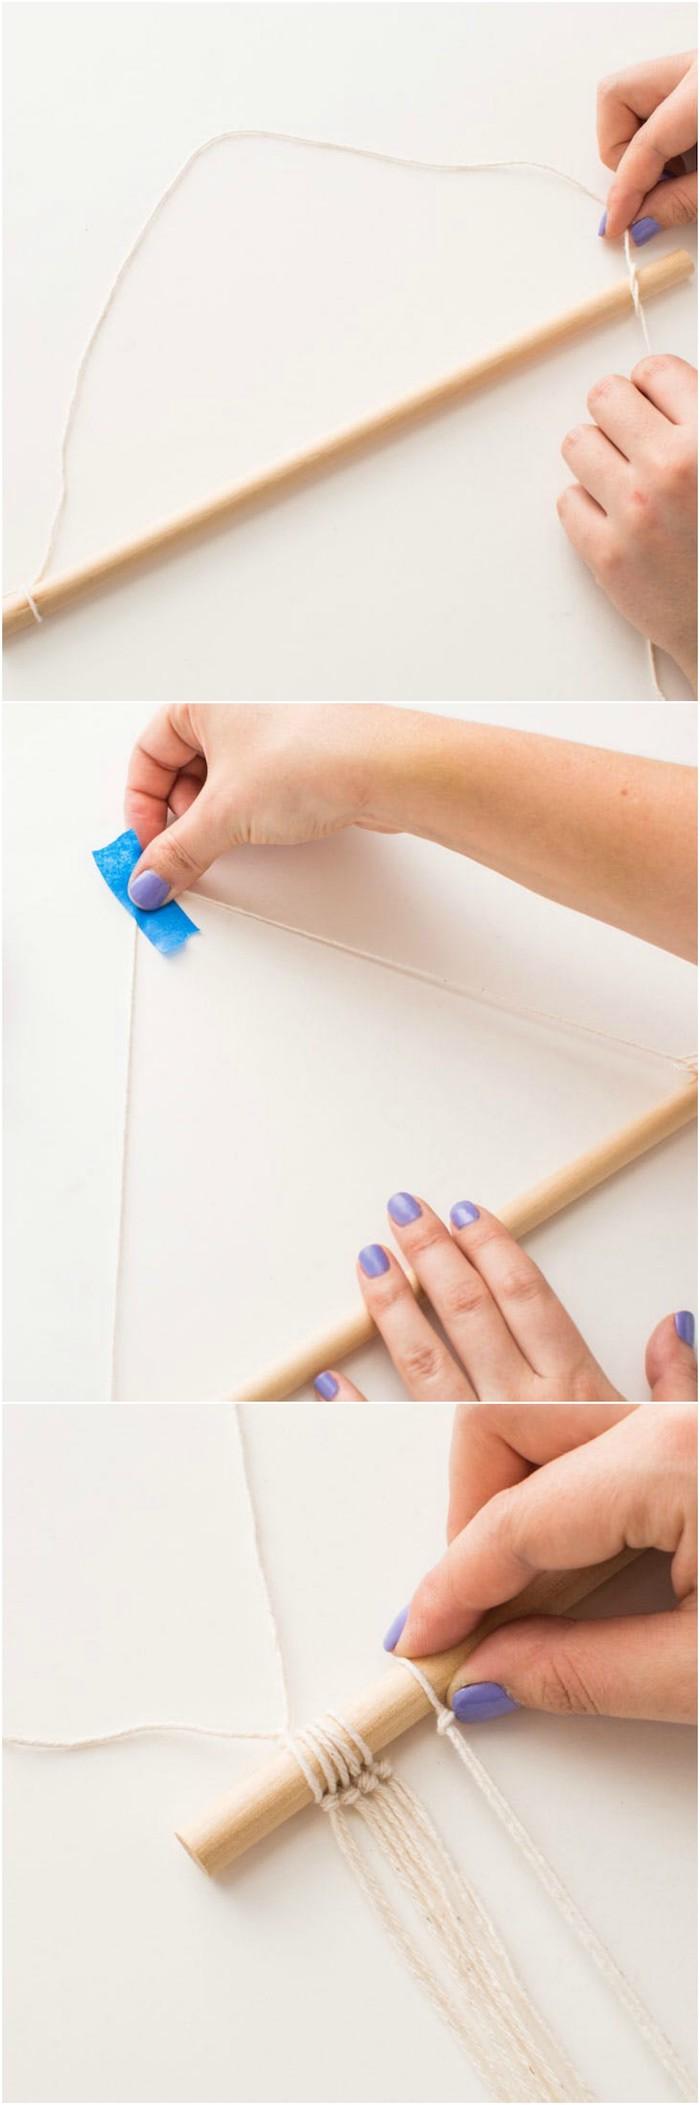 idée comment faire un macramé tuto, des chutes de ficelles nouées sur une baguettes en bois, diy déco chambre